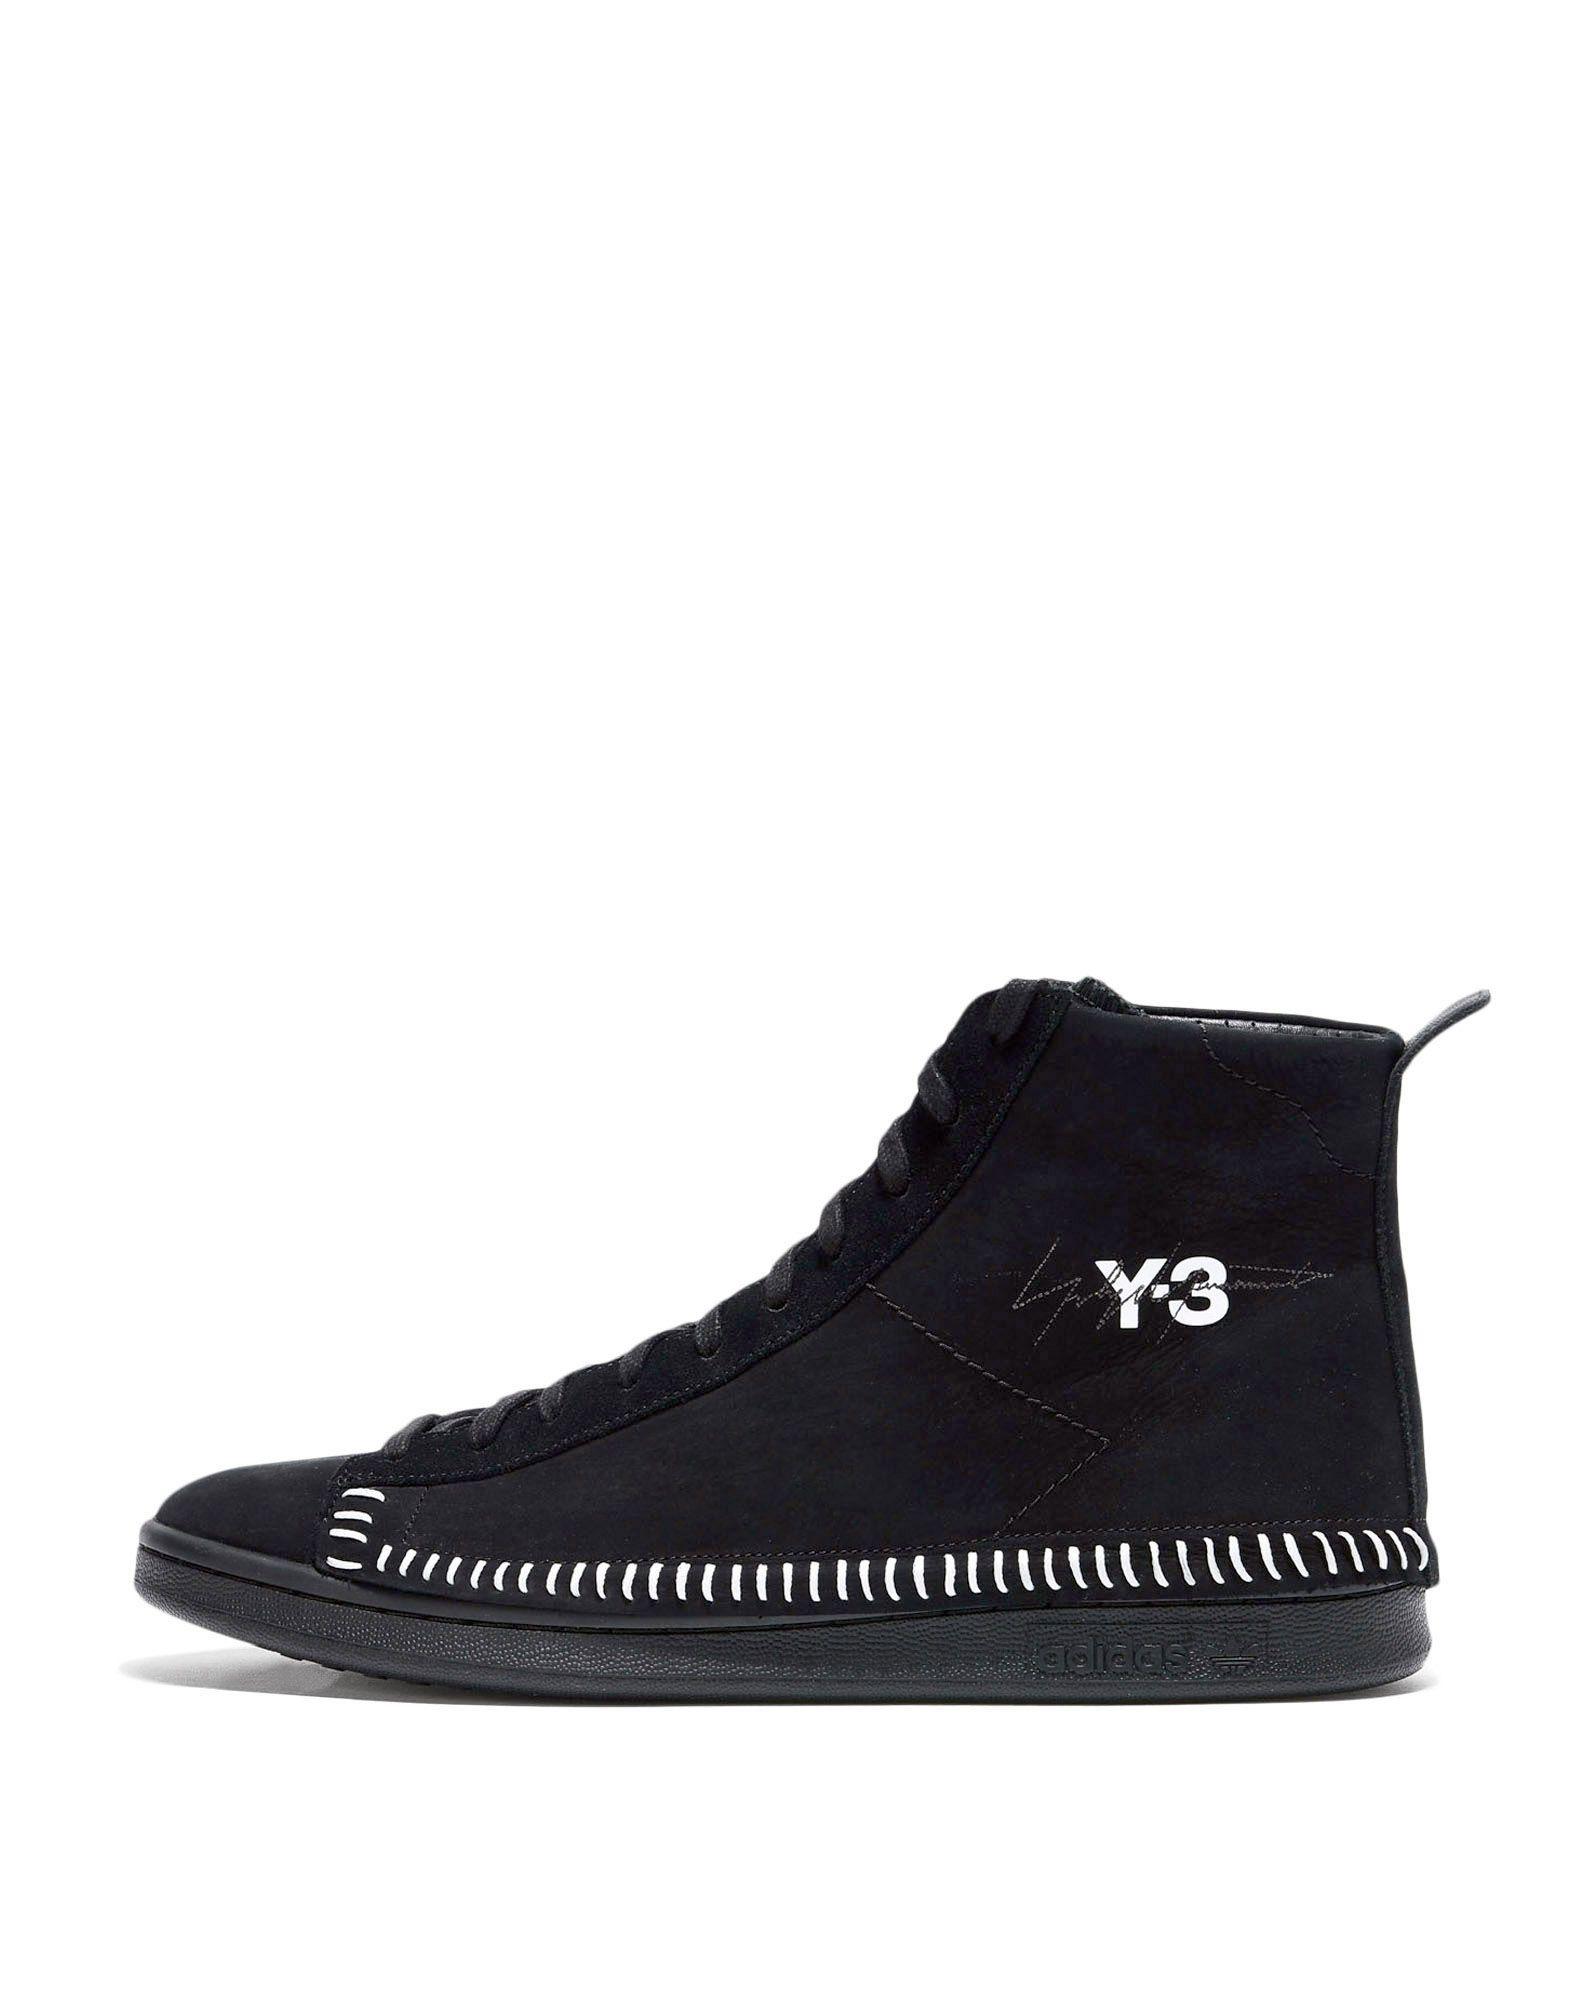 Y-3 Bynder High SHOES unisex Y-3 adidas